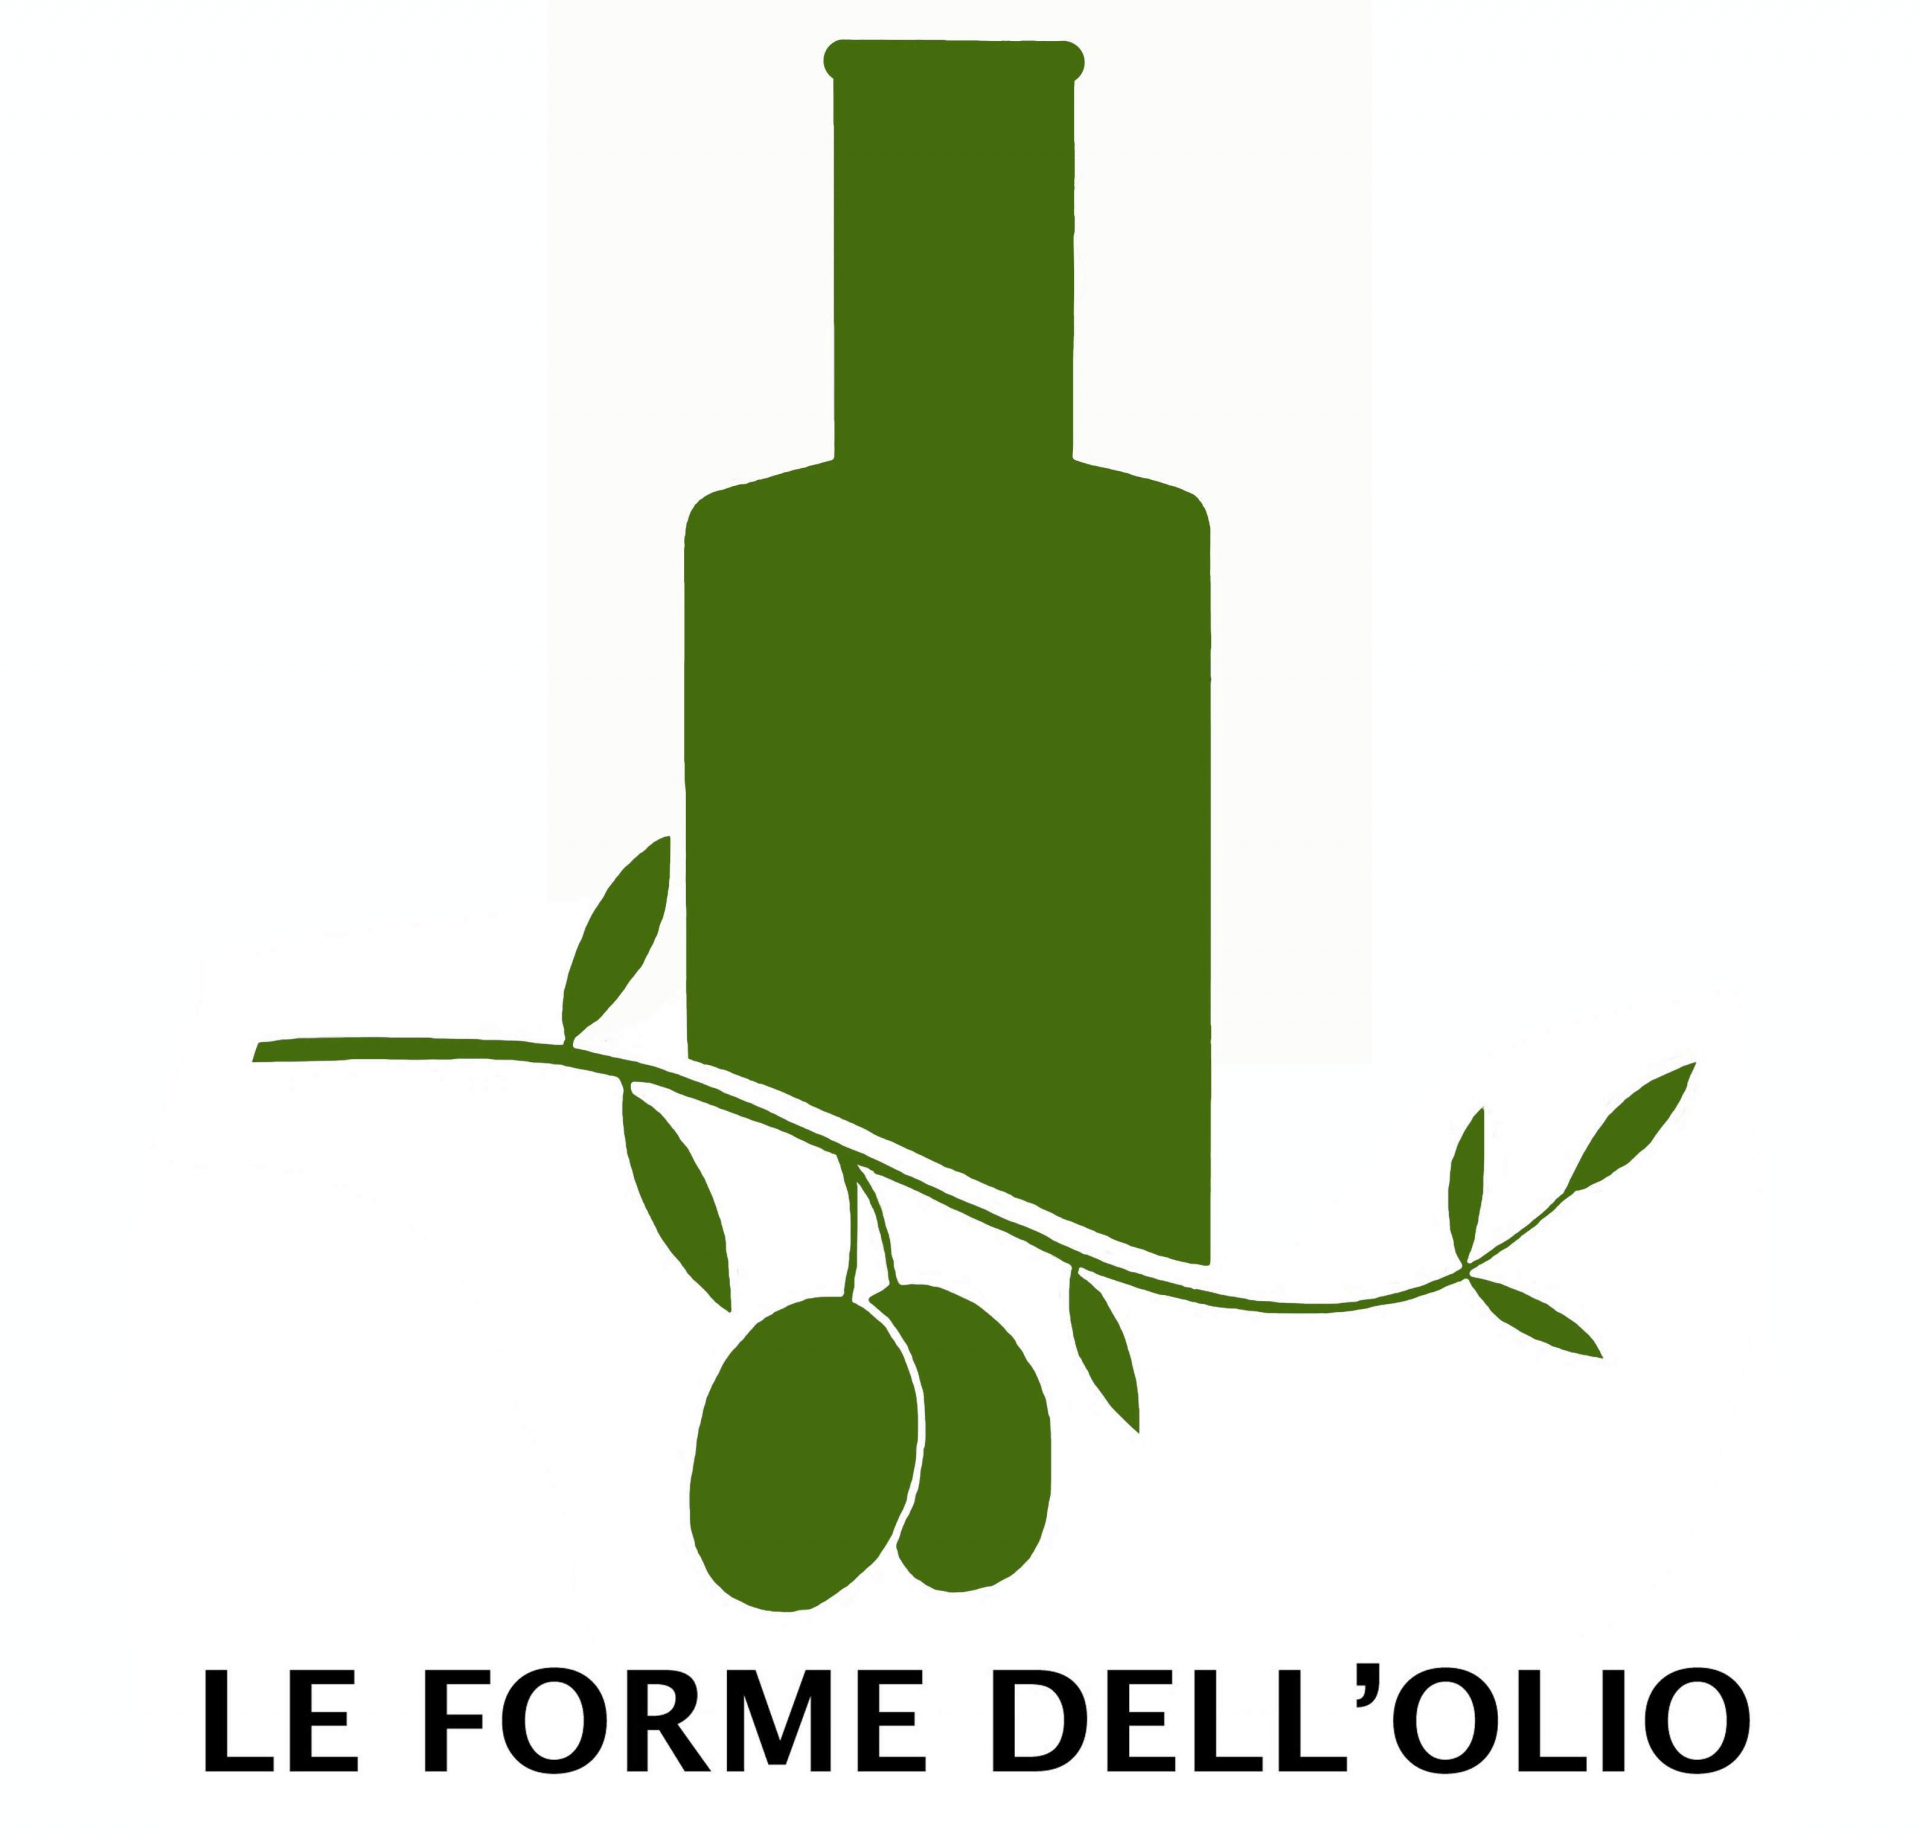 Concorso packaging riservato agli oli da olive, il regolamento